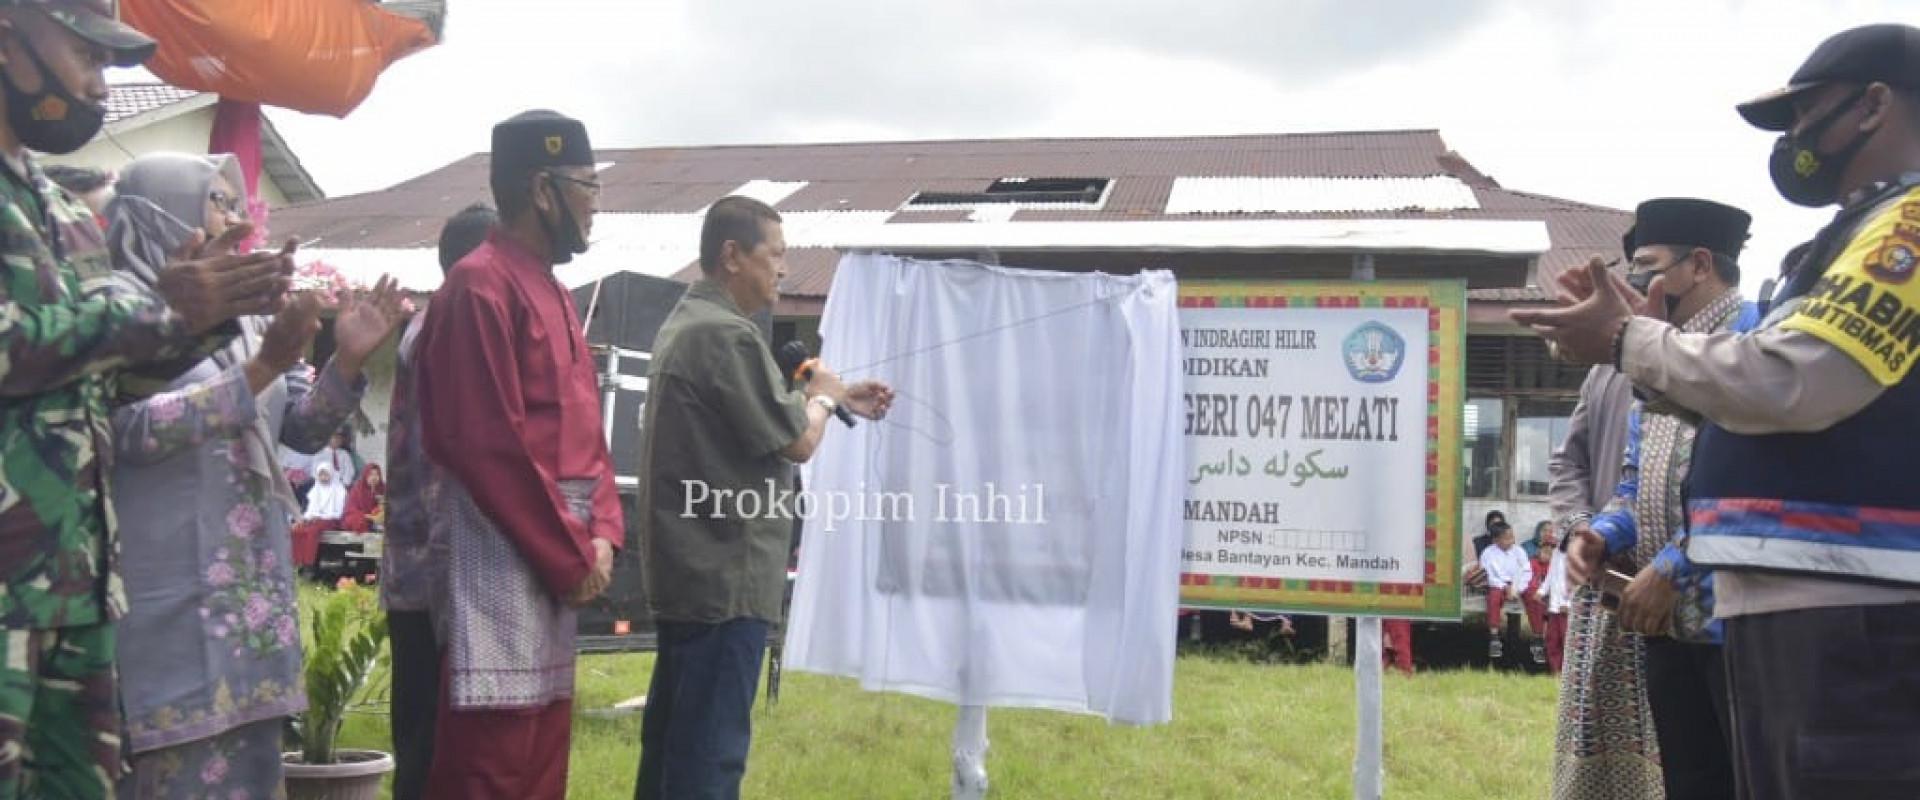 Resmikan Sekolah Dasar Negeri (SDN) 047 Melati, Wabup H.Syamsudin Uti : Jangan enggan berinvestasi di bidang pendidikan